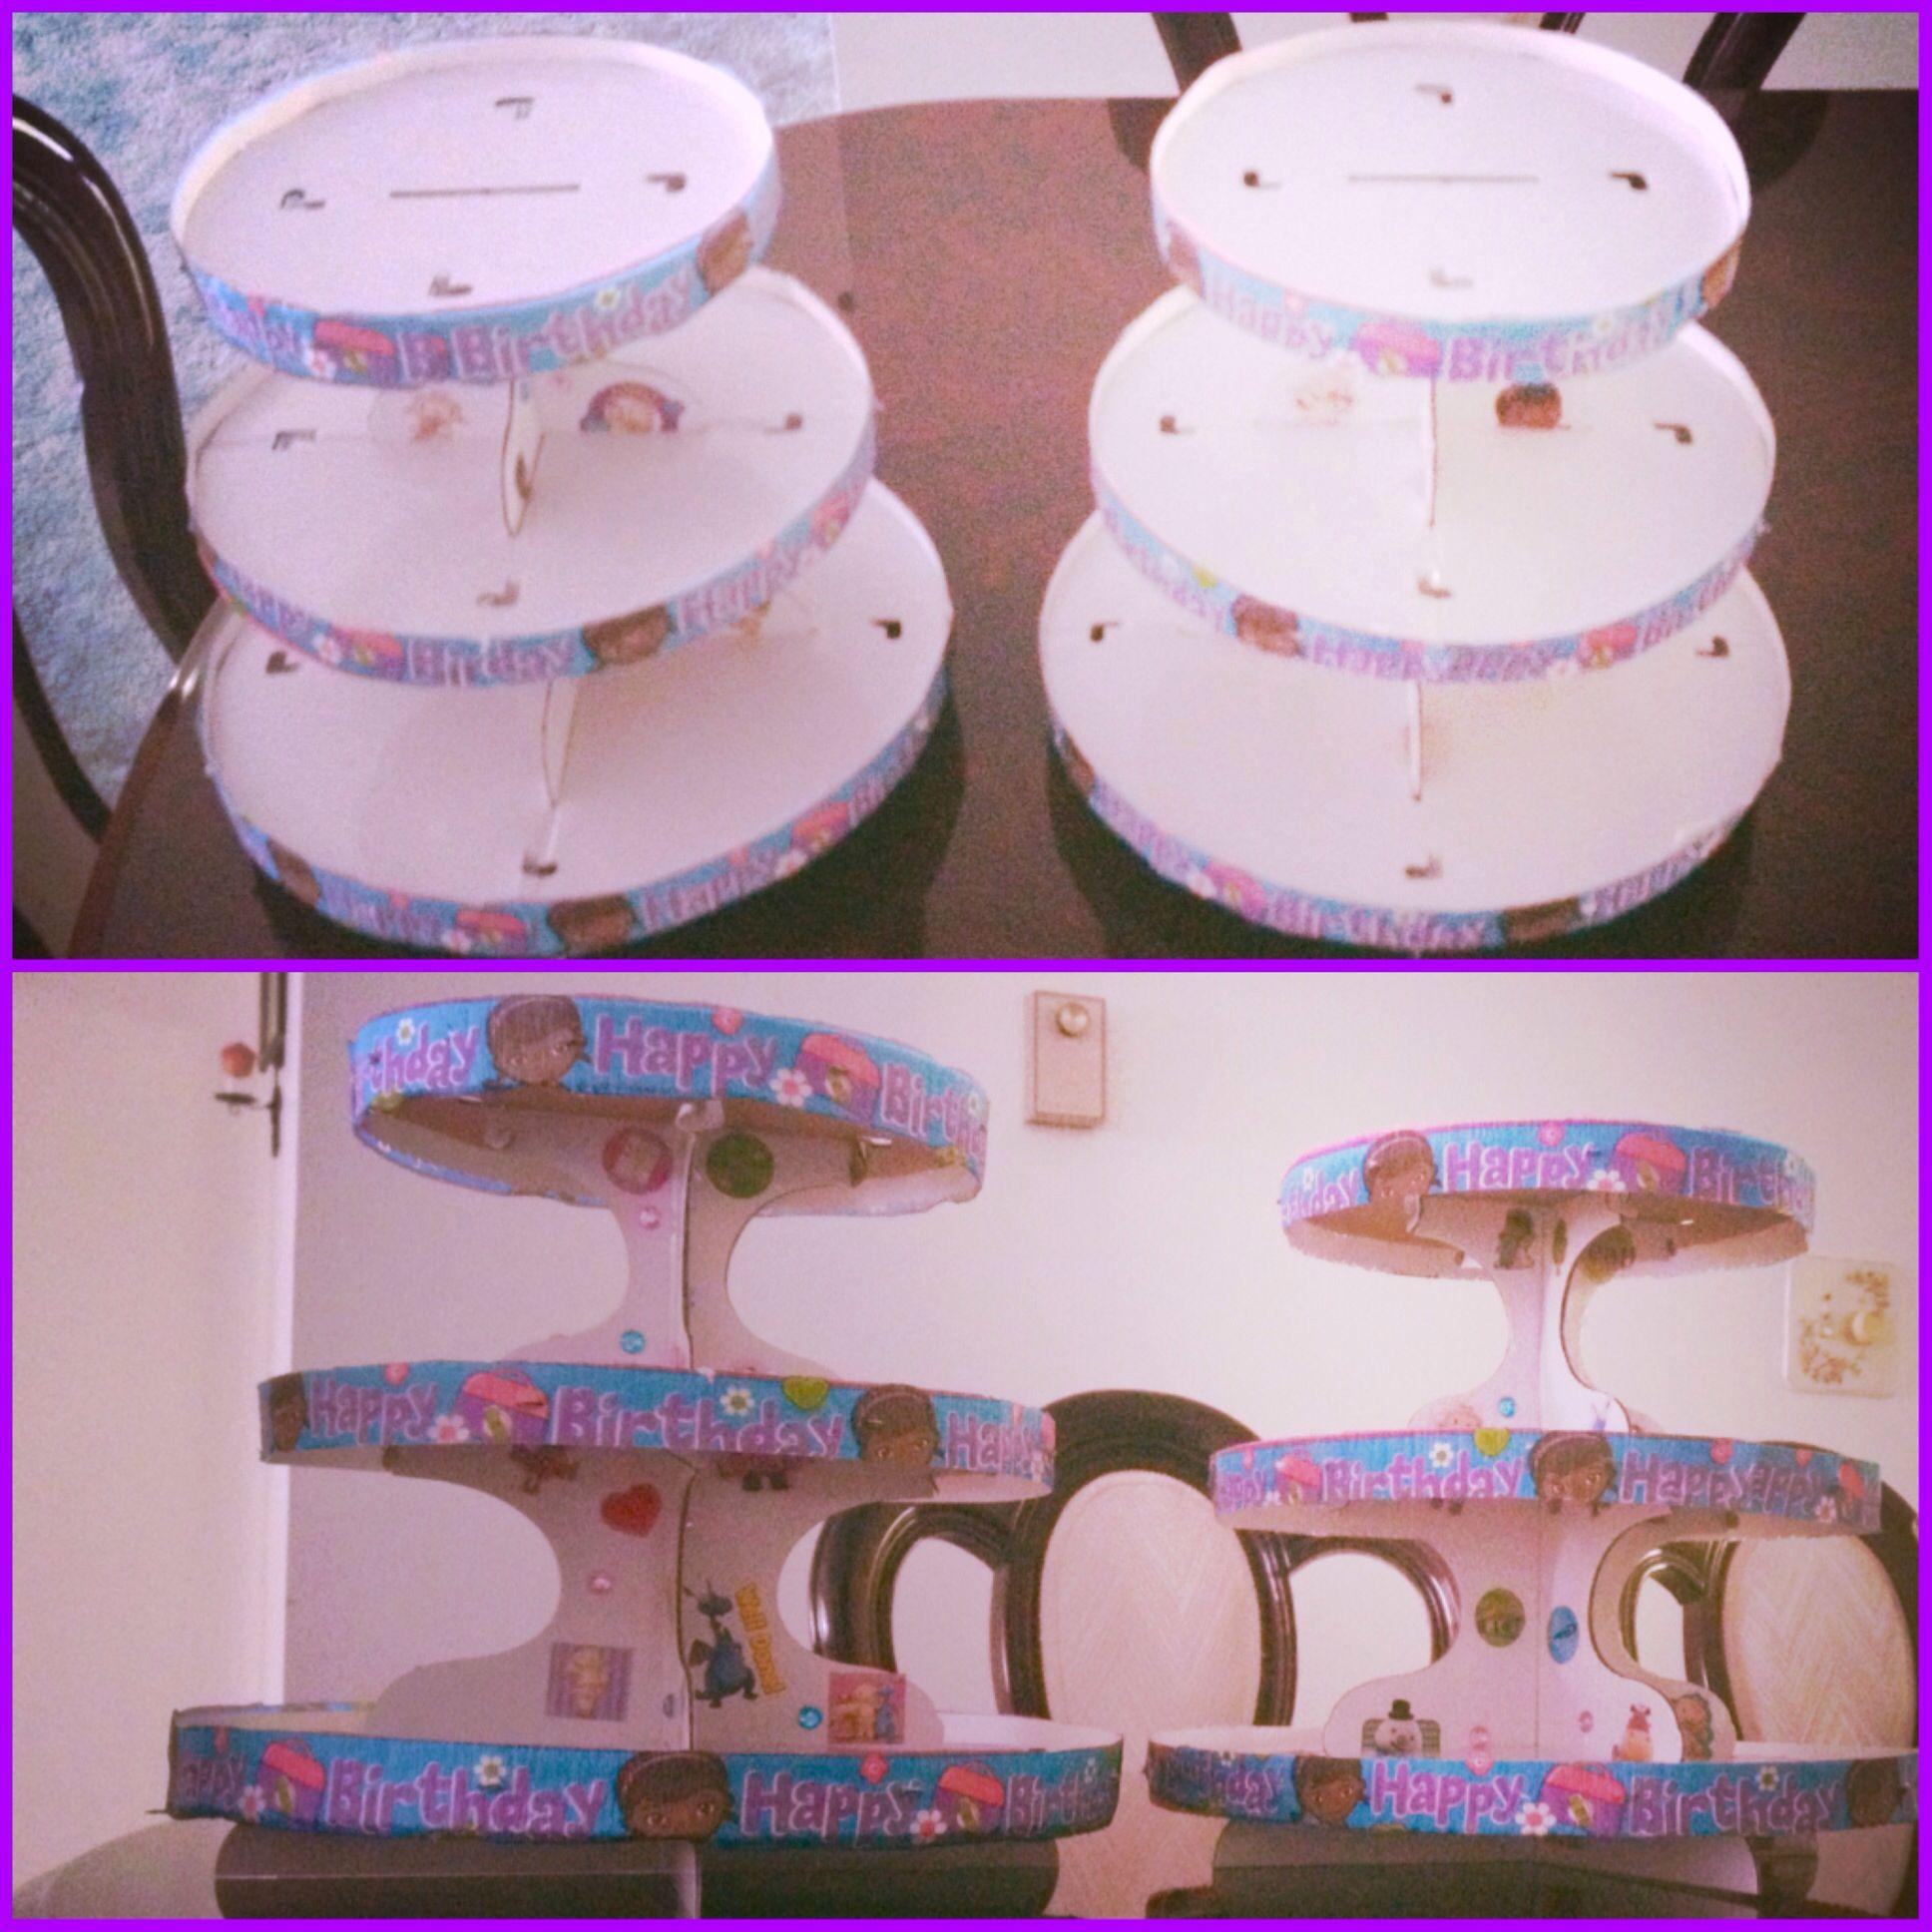 Doc mcstuffins bandages doc mcstuffins party ideas on pinterest doc - Birthday Party Ideas Diy Doc Mcstuffins Cupcake Stand